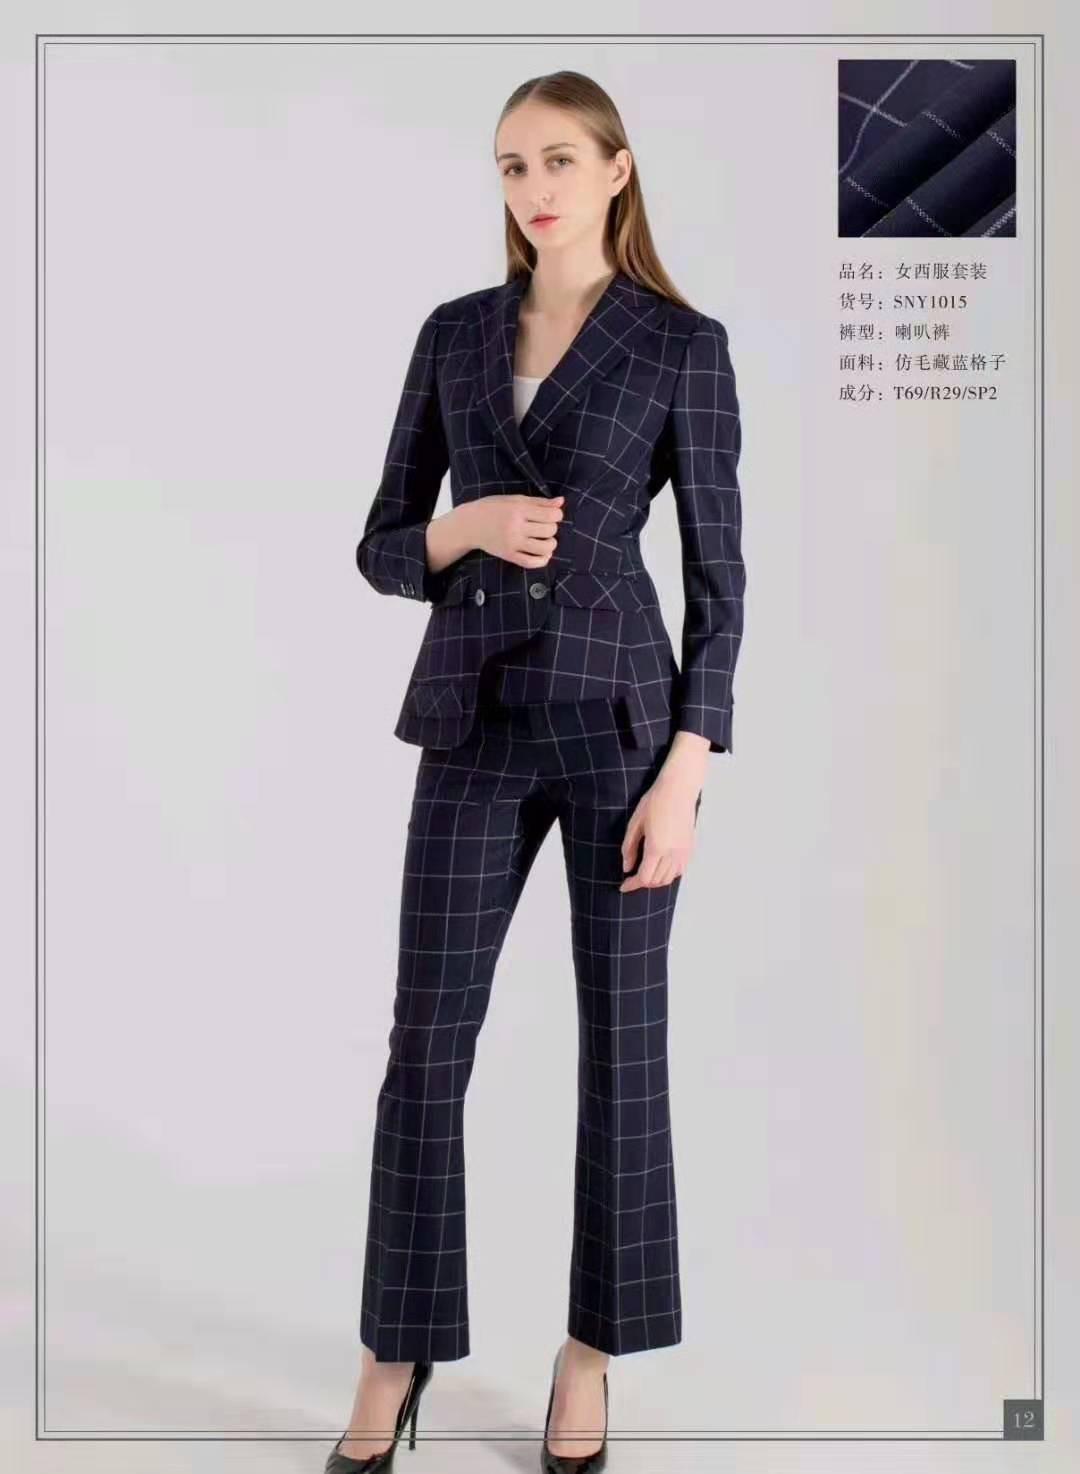 藏青色格子时尚套装女装私人订制